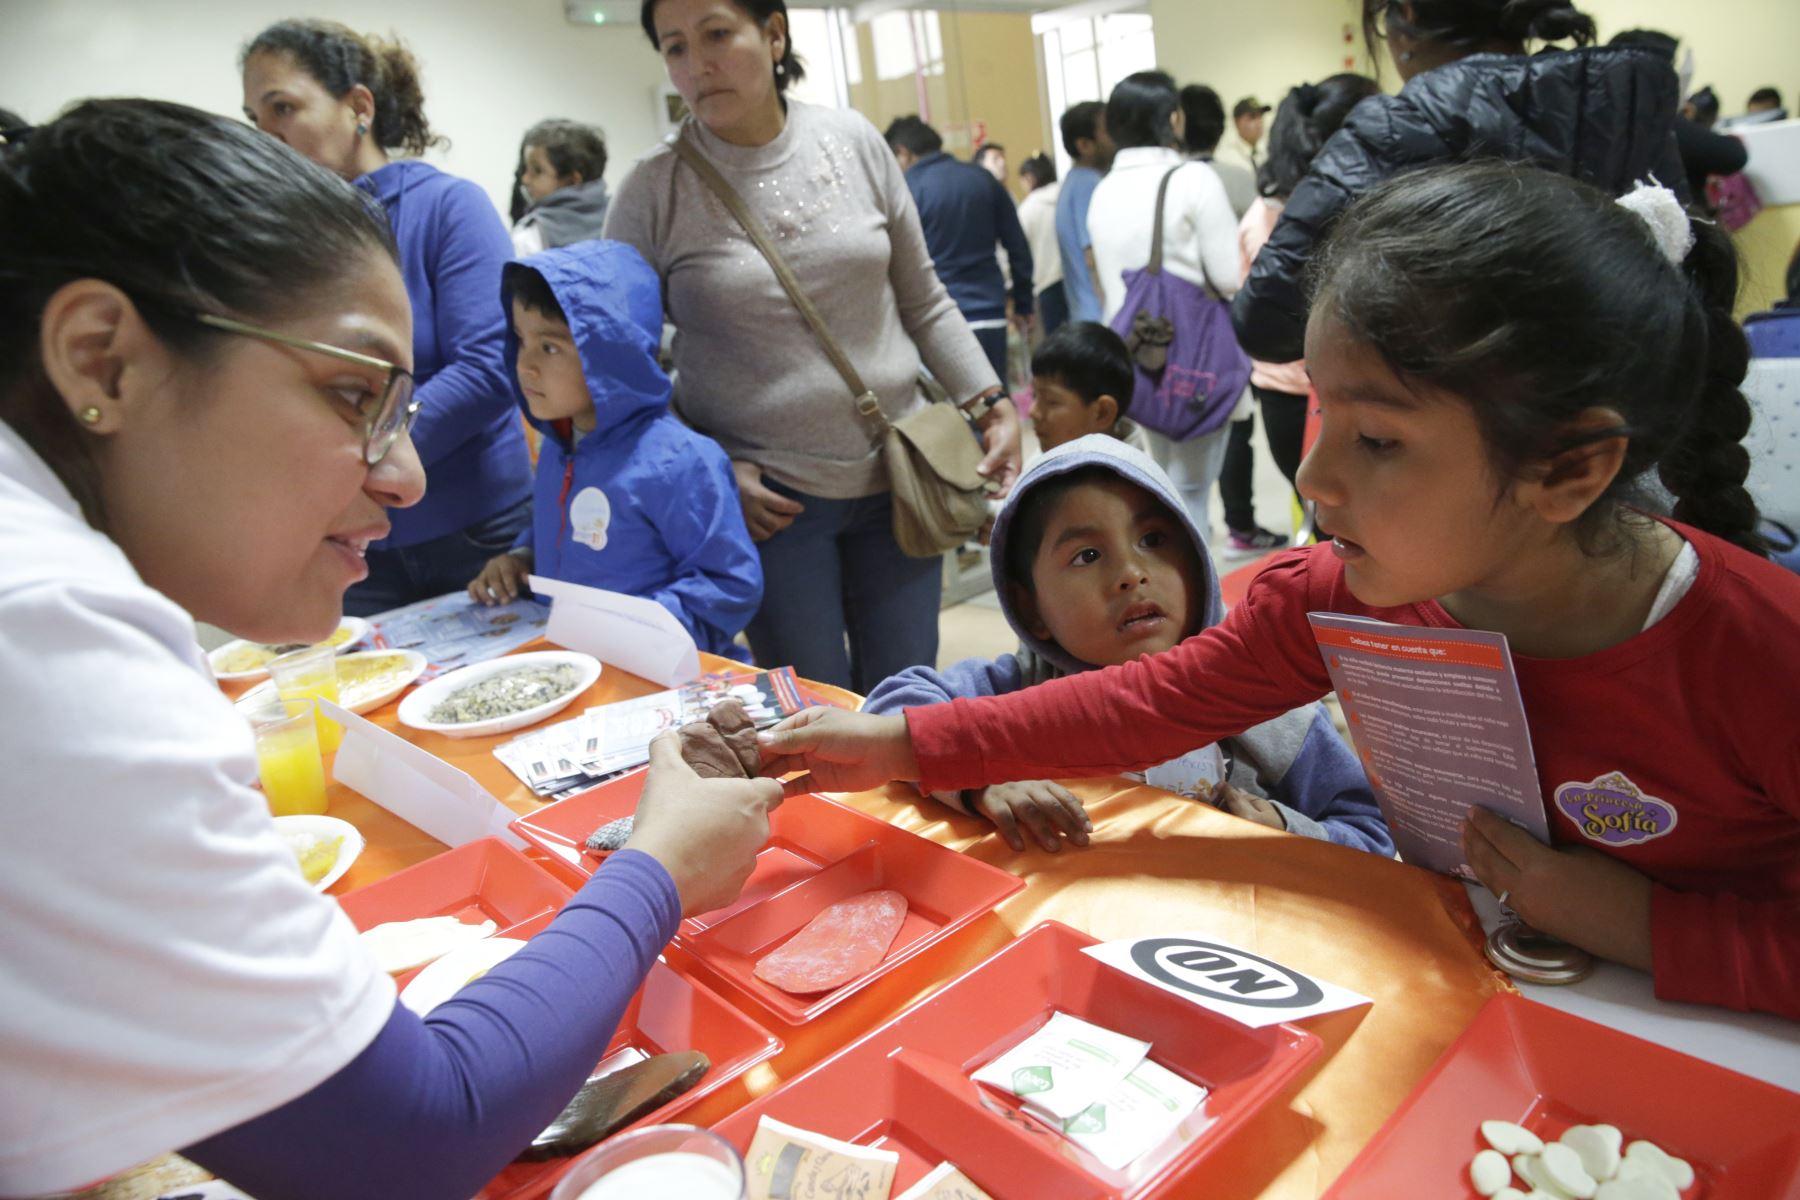 Instituto de Salud del Niño de San Borja inaugura módulo de despistaje de anemia, que garantiza que cada paciente pediátrico pase primero por un despistaje.  Foto: ANDINA/Melina Mejía